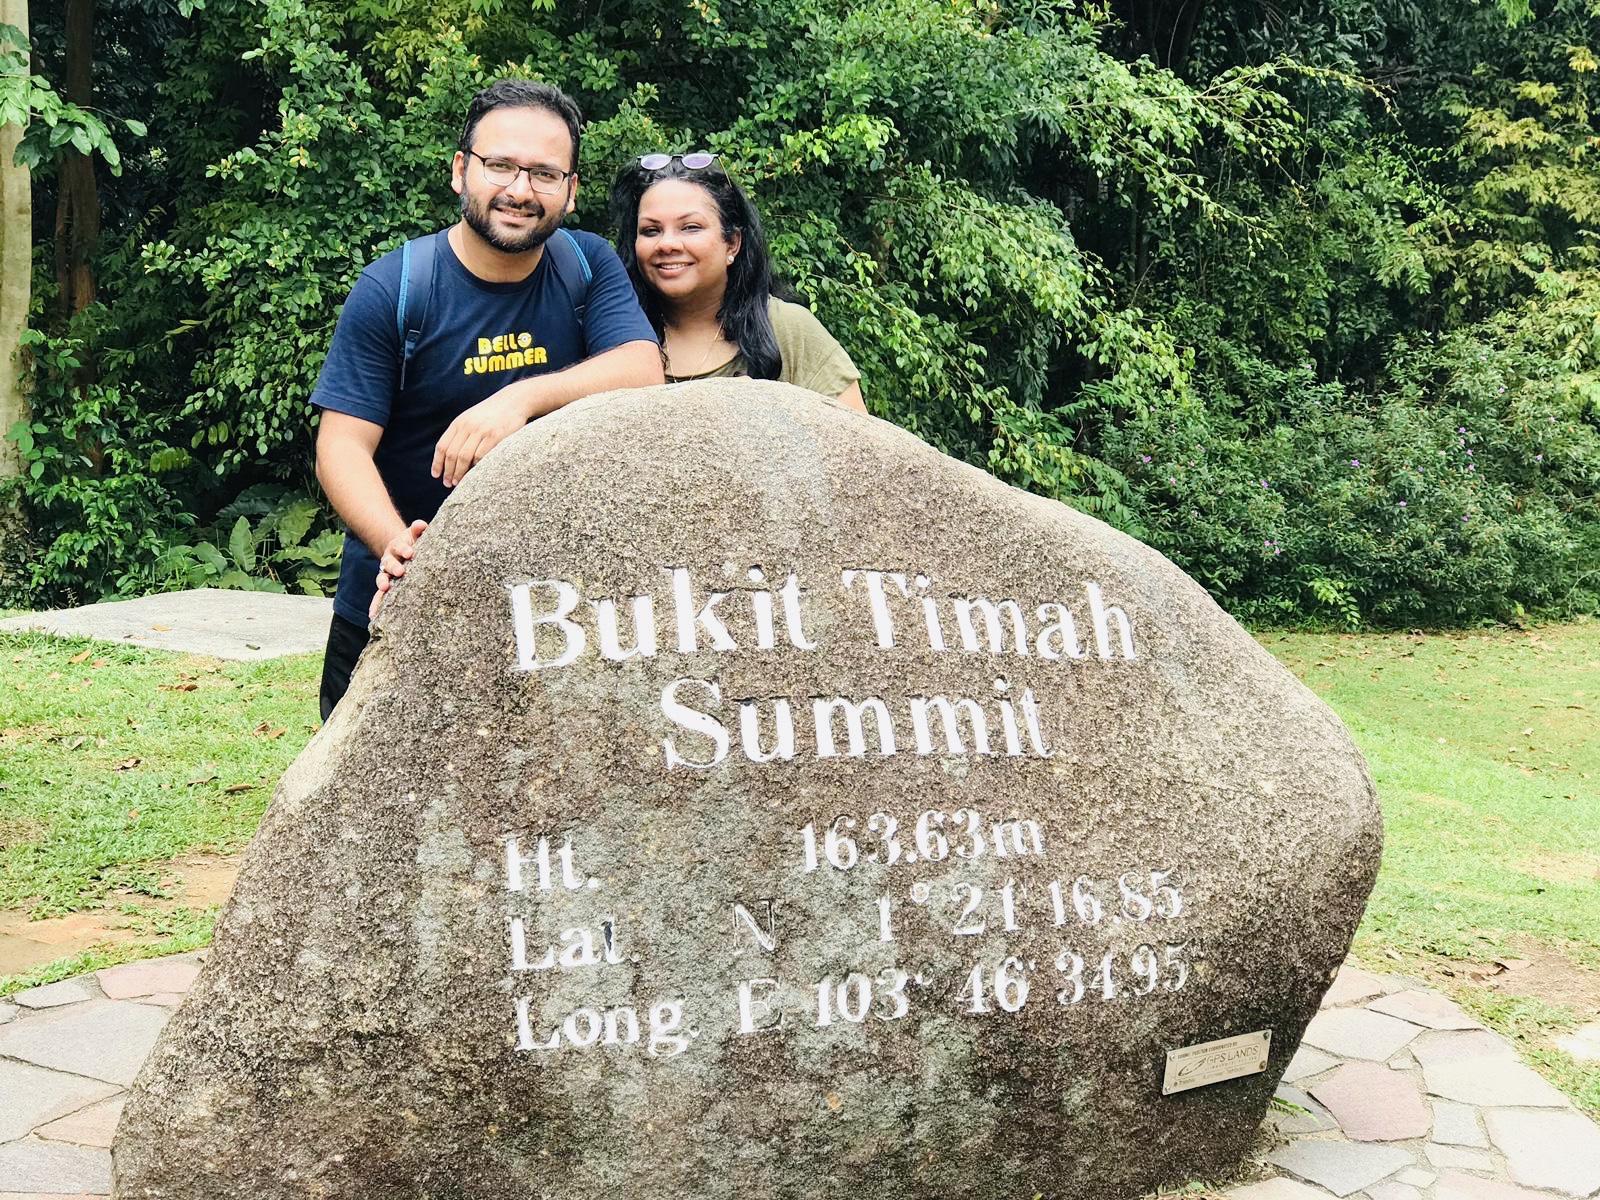 Us at the Summit of Bukit Timah